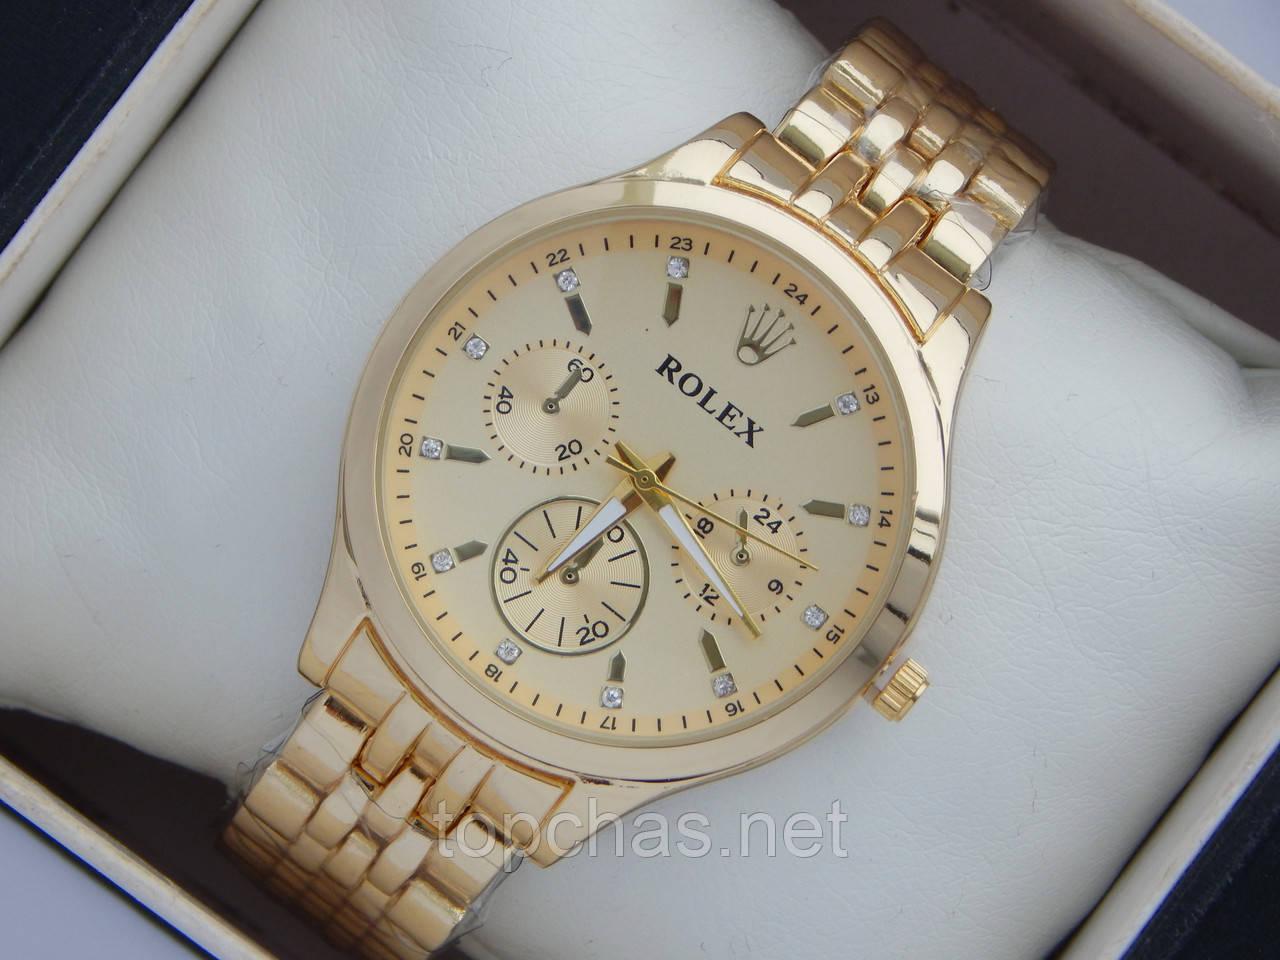 b43d803c Очень красивые женские часы Rolex на металлическом браслете золотого цвета  - Top Chas - Интернет магазин